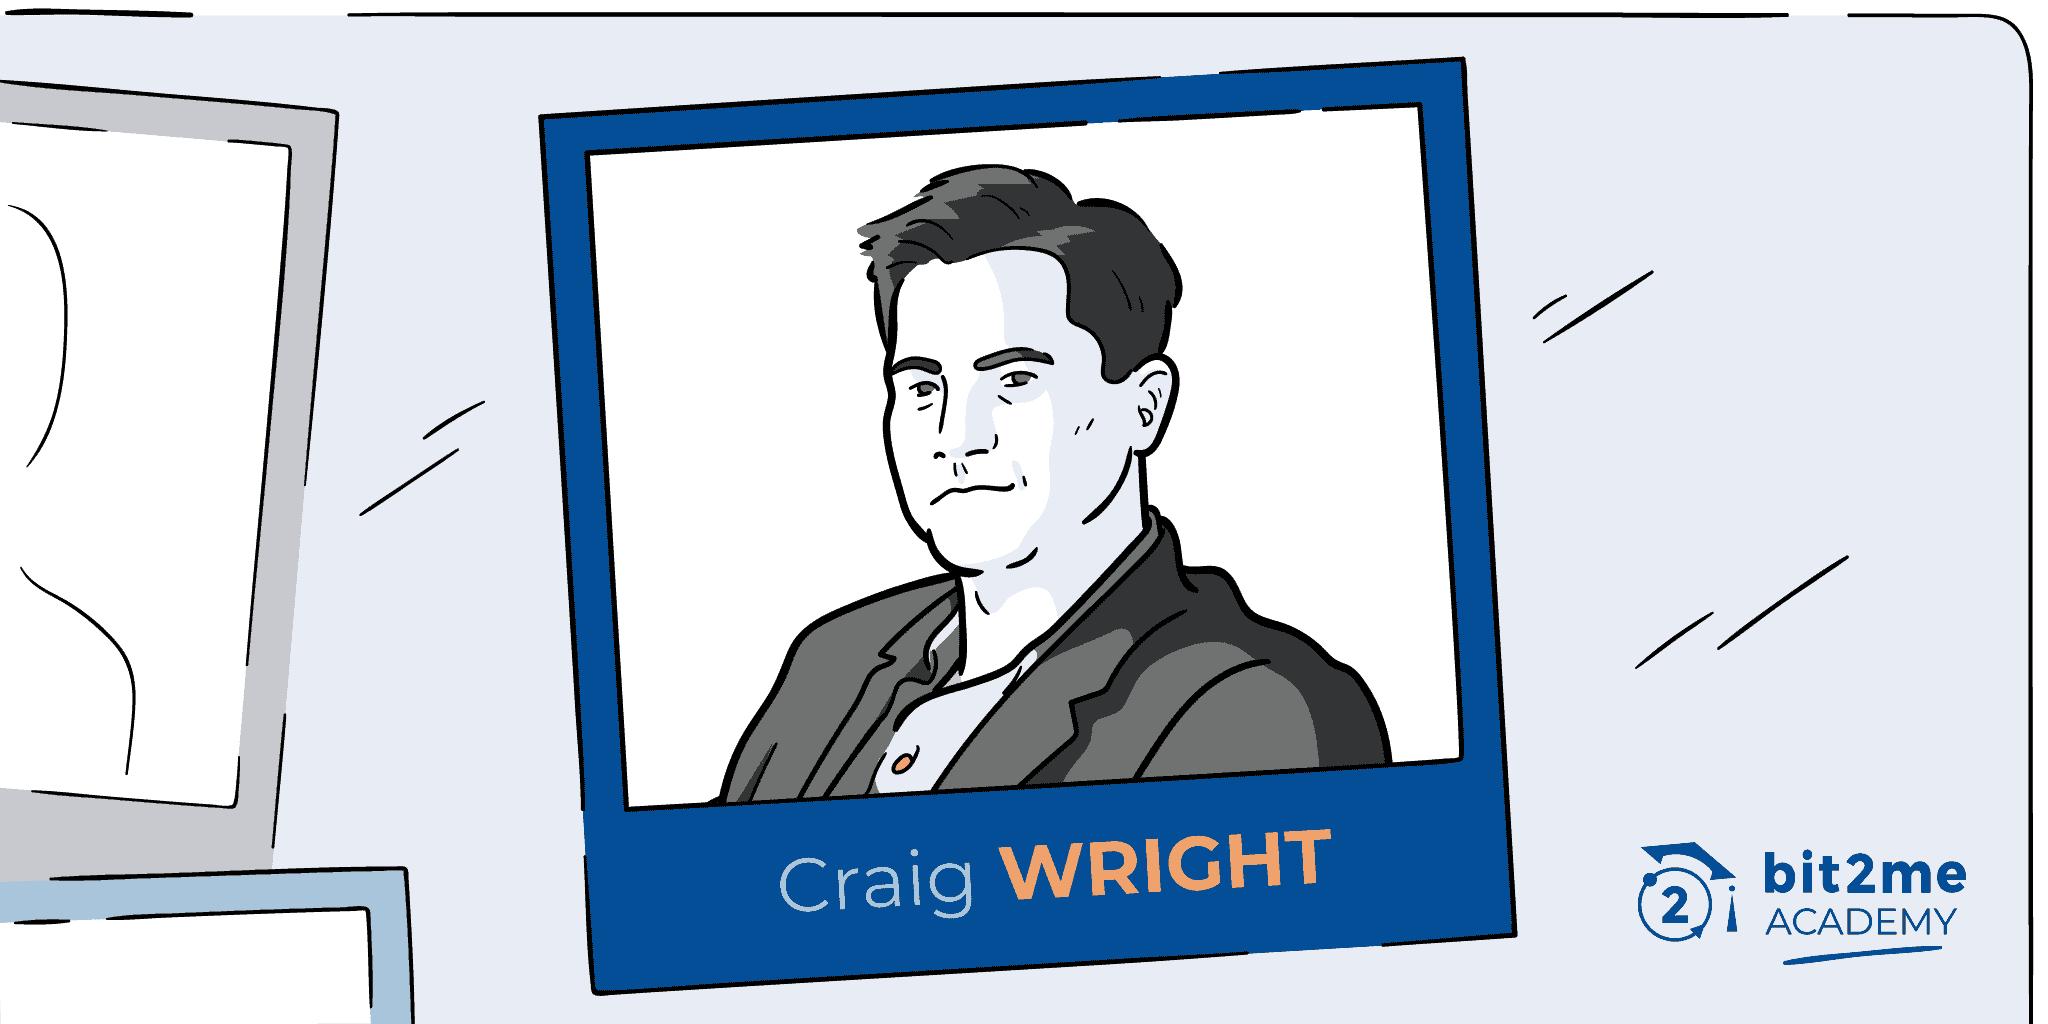 who is Craig Wright, self-proclaimed Satoshi Nakamoto